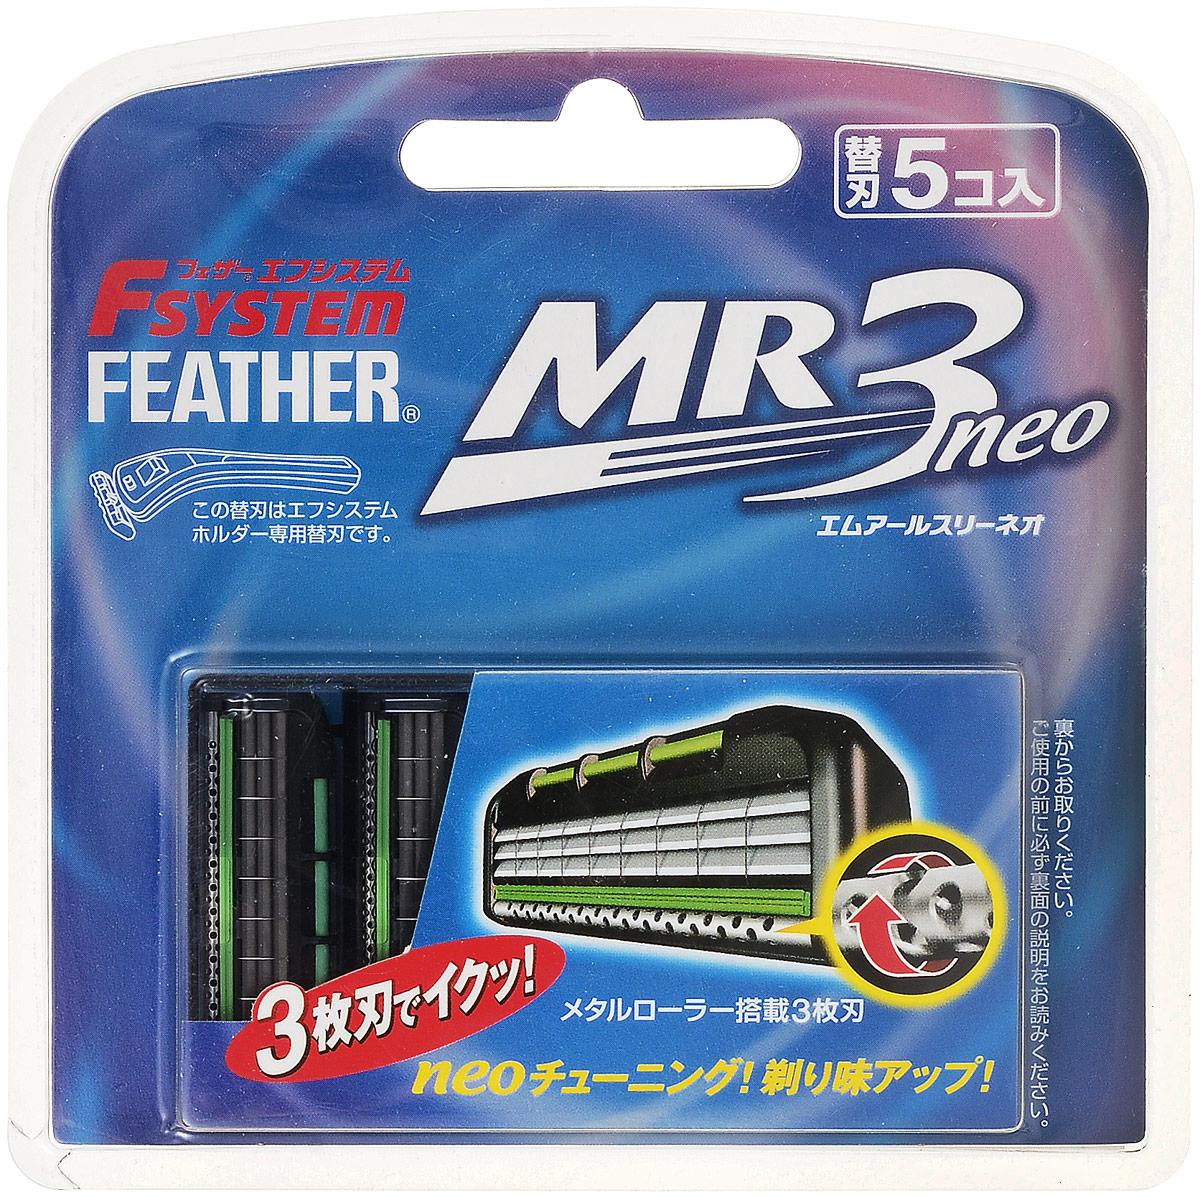 Сменные кассеты для бритв Feather МRЗ Neo 5 шт